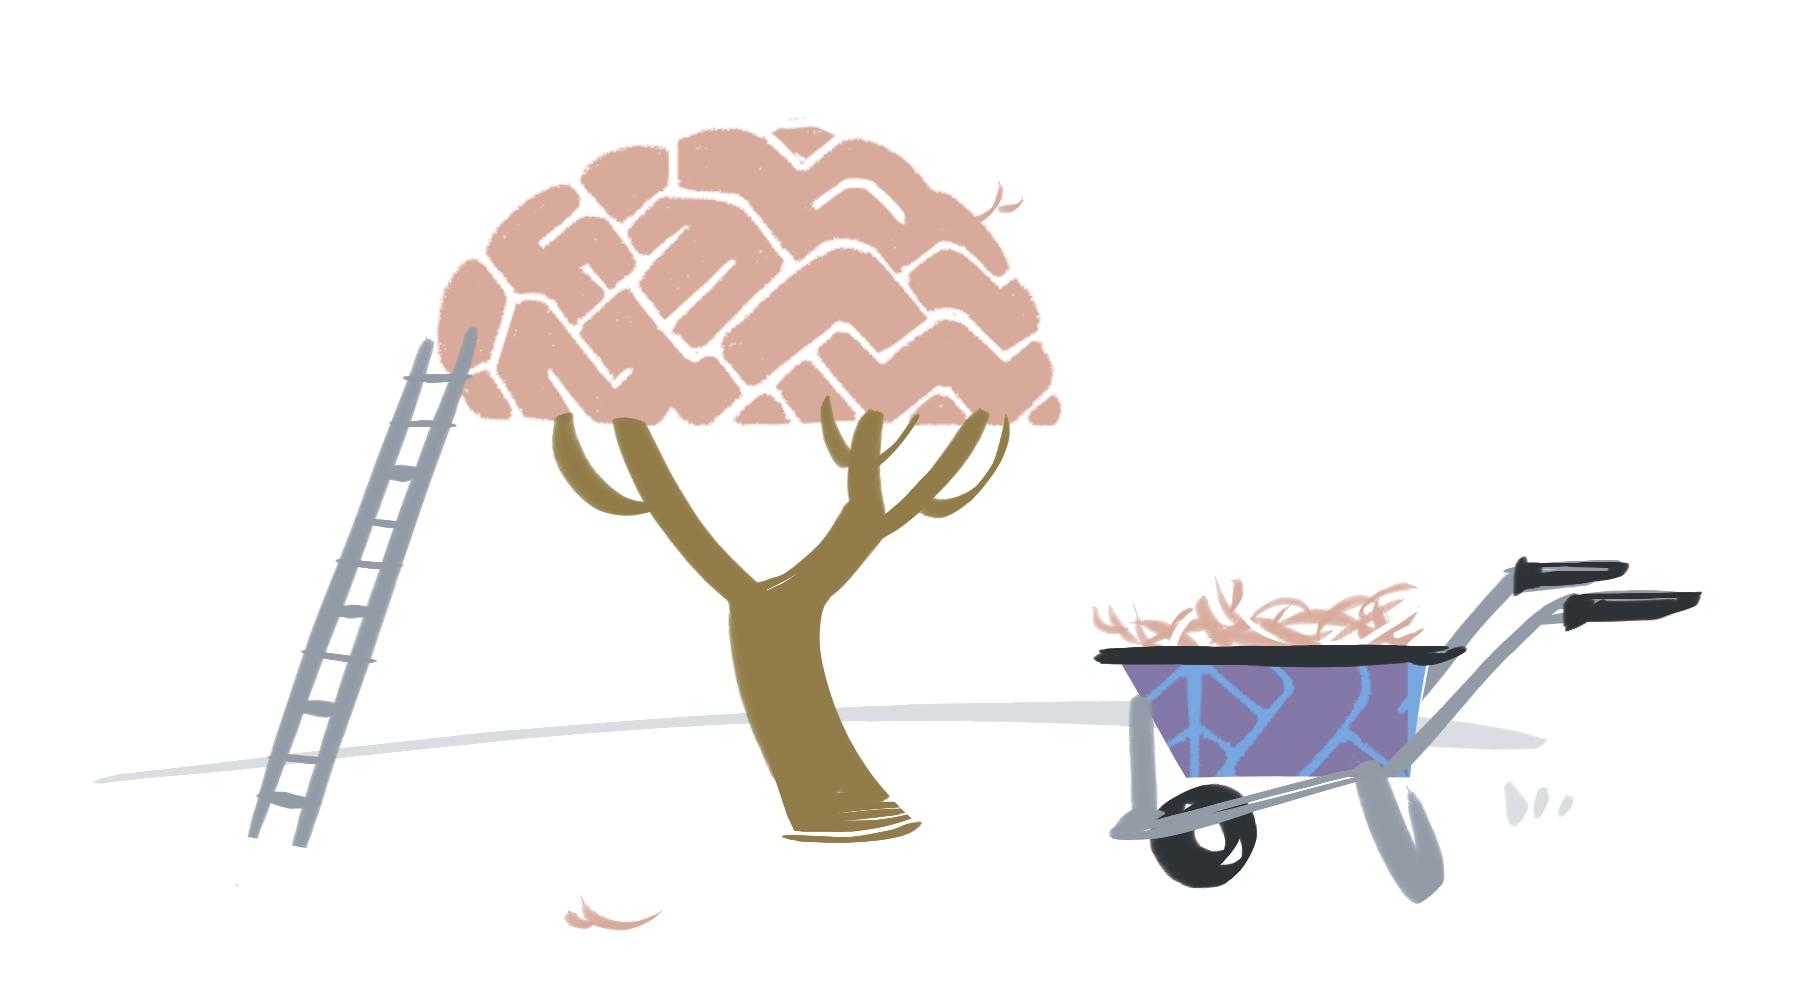 Groeien en snoeien: de hersenen van een kind